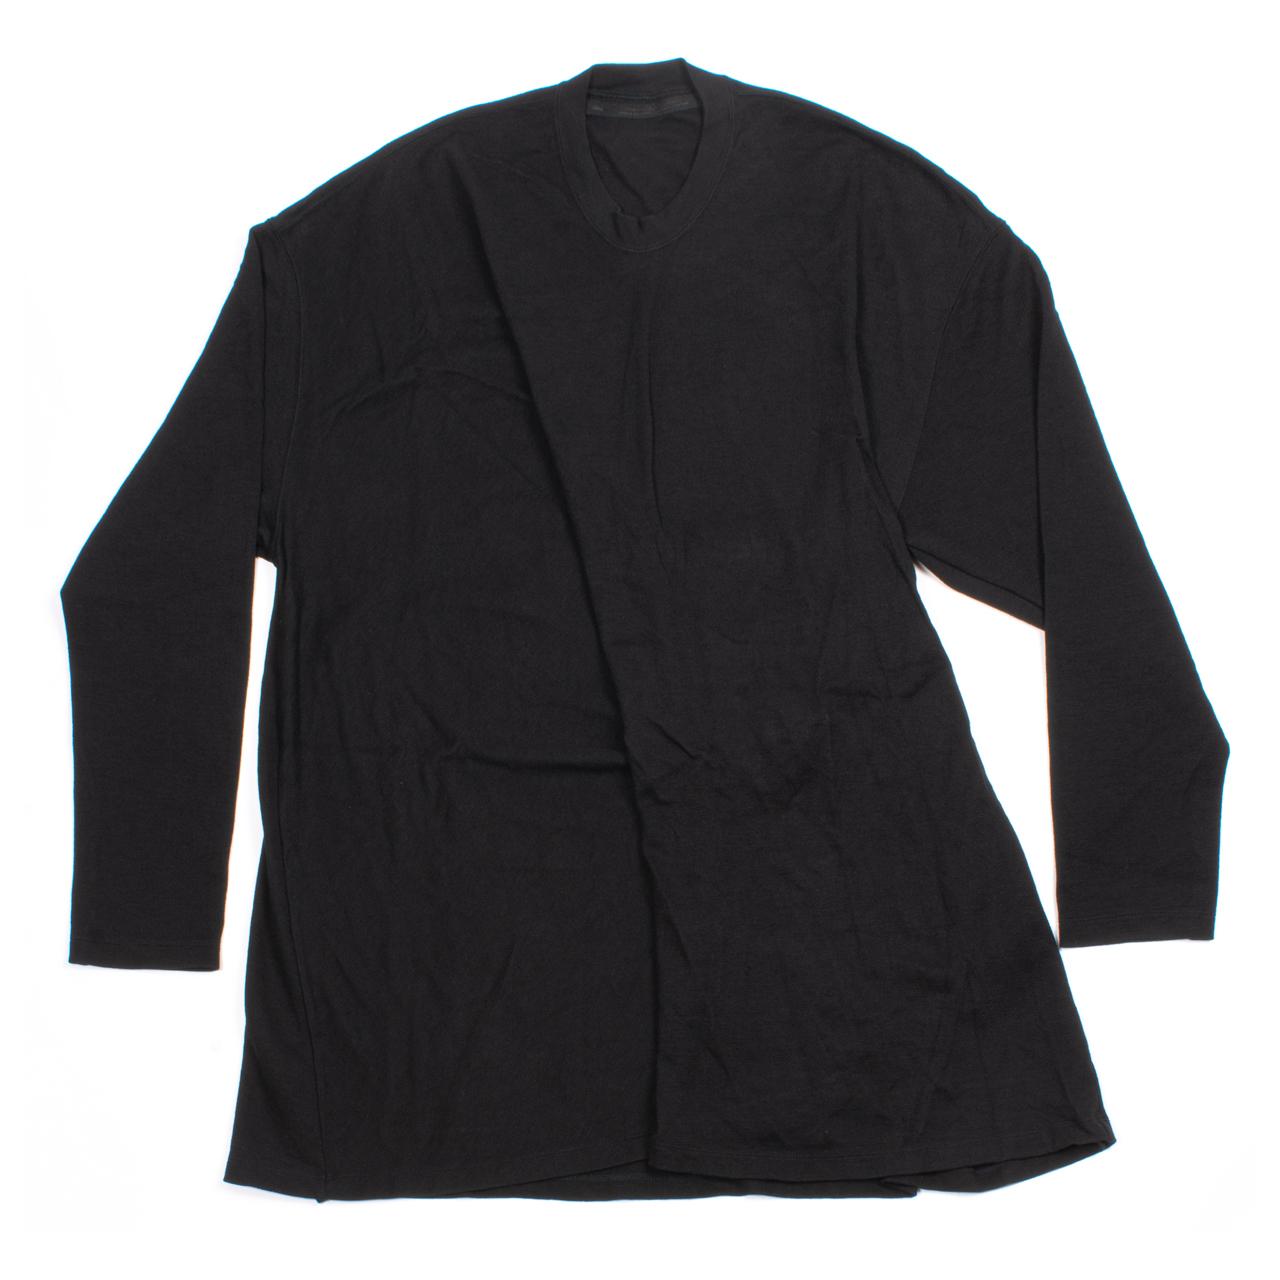 717CUM6-BLACK / ドレープロングスリーブTシャツ